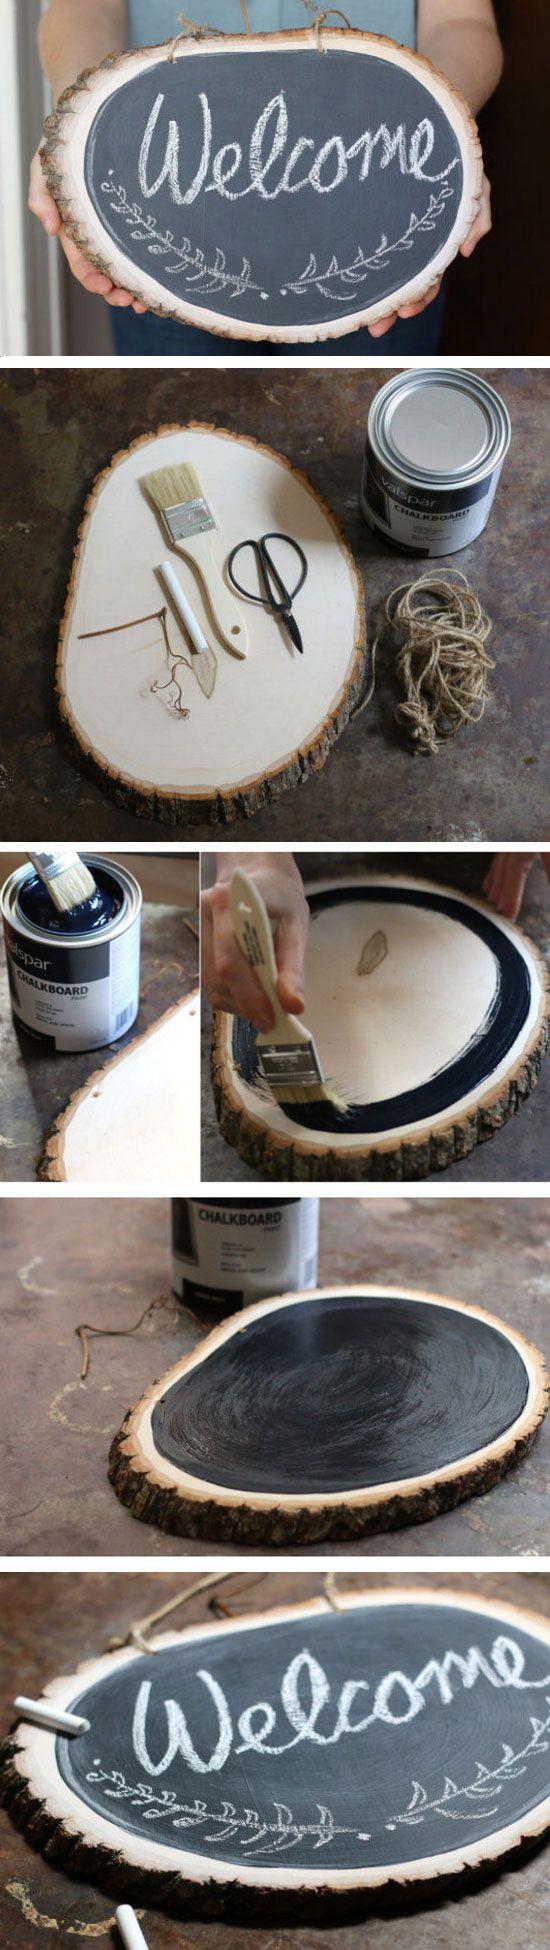 DIY Krijtbord op hout. Perfect als welkomstbord voor bijv. een bruiloft/housewarming.